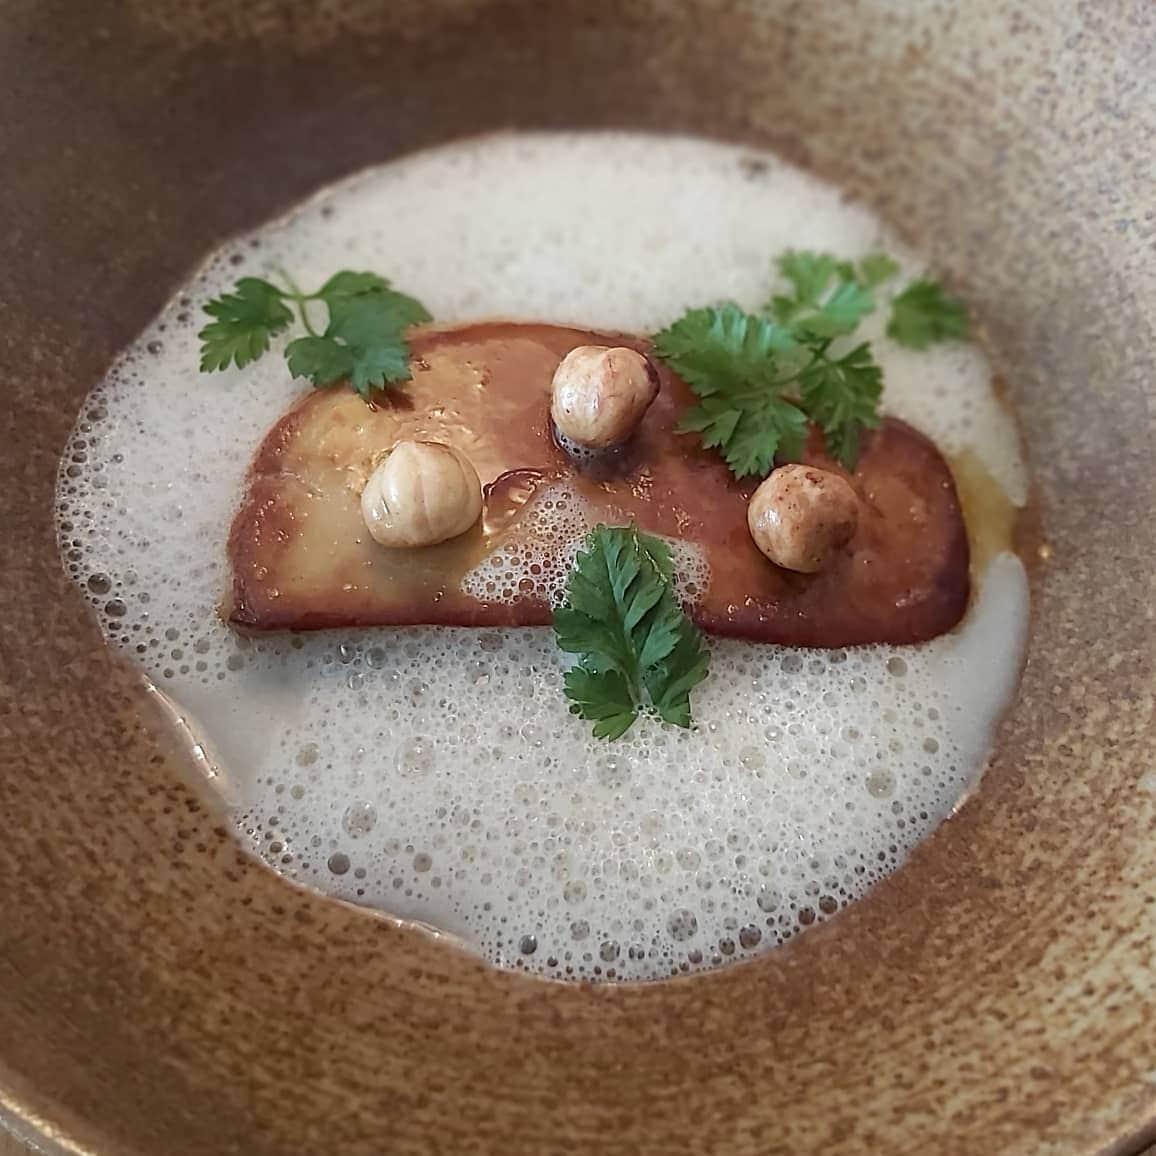 Pianovins_Foie gras de canard de Vendée, crème de Topinambours, noisettes du Piémont grillées